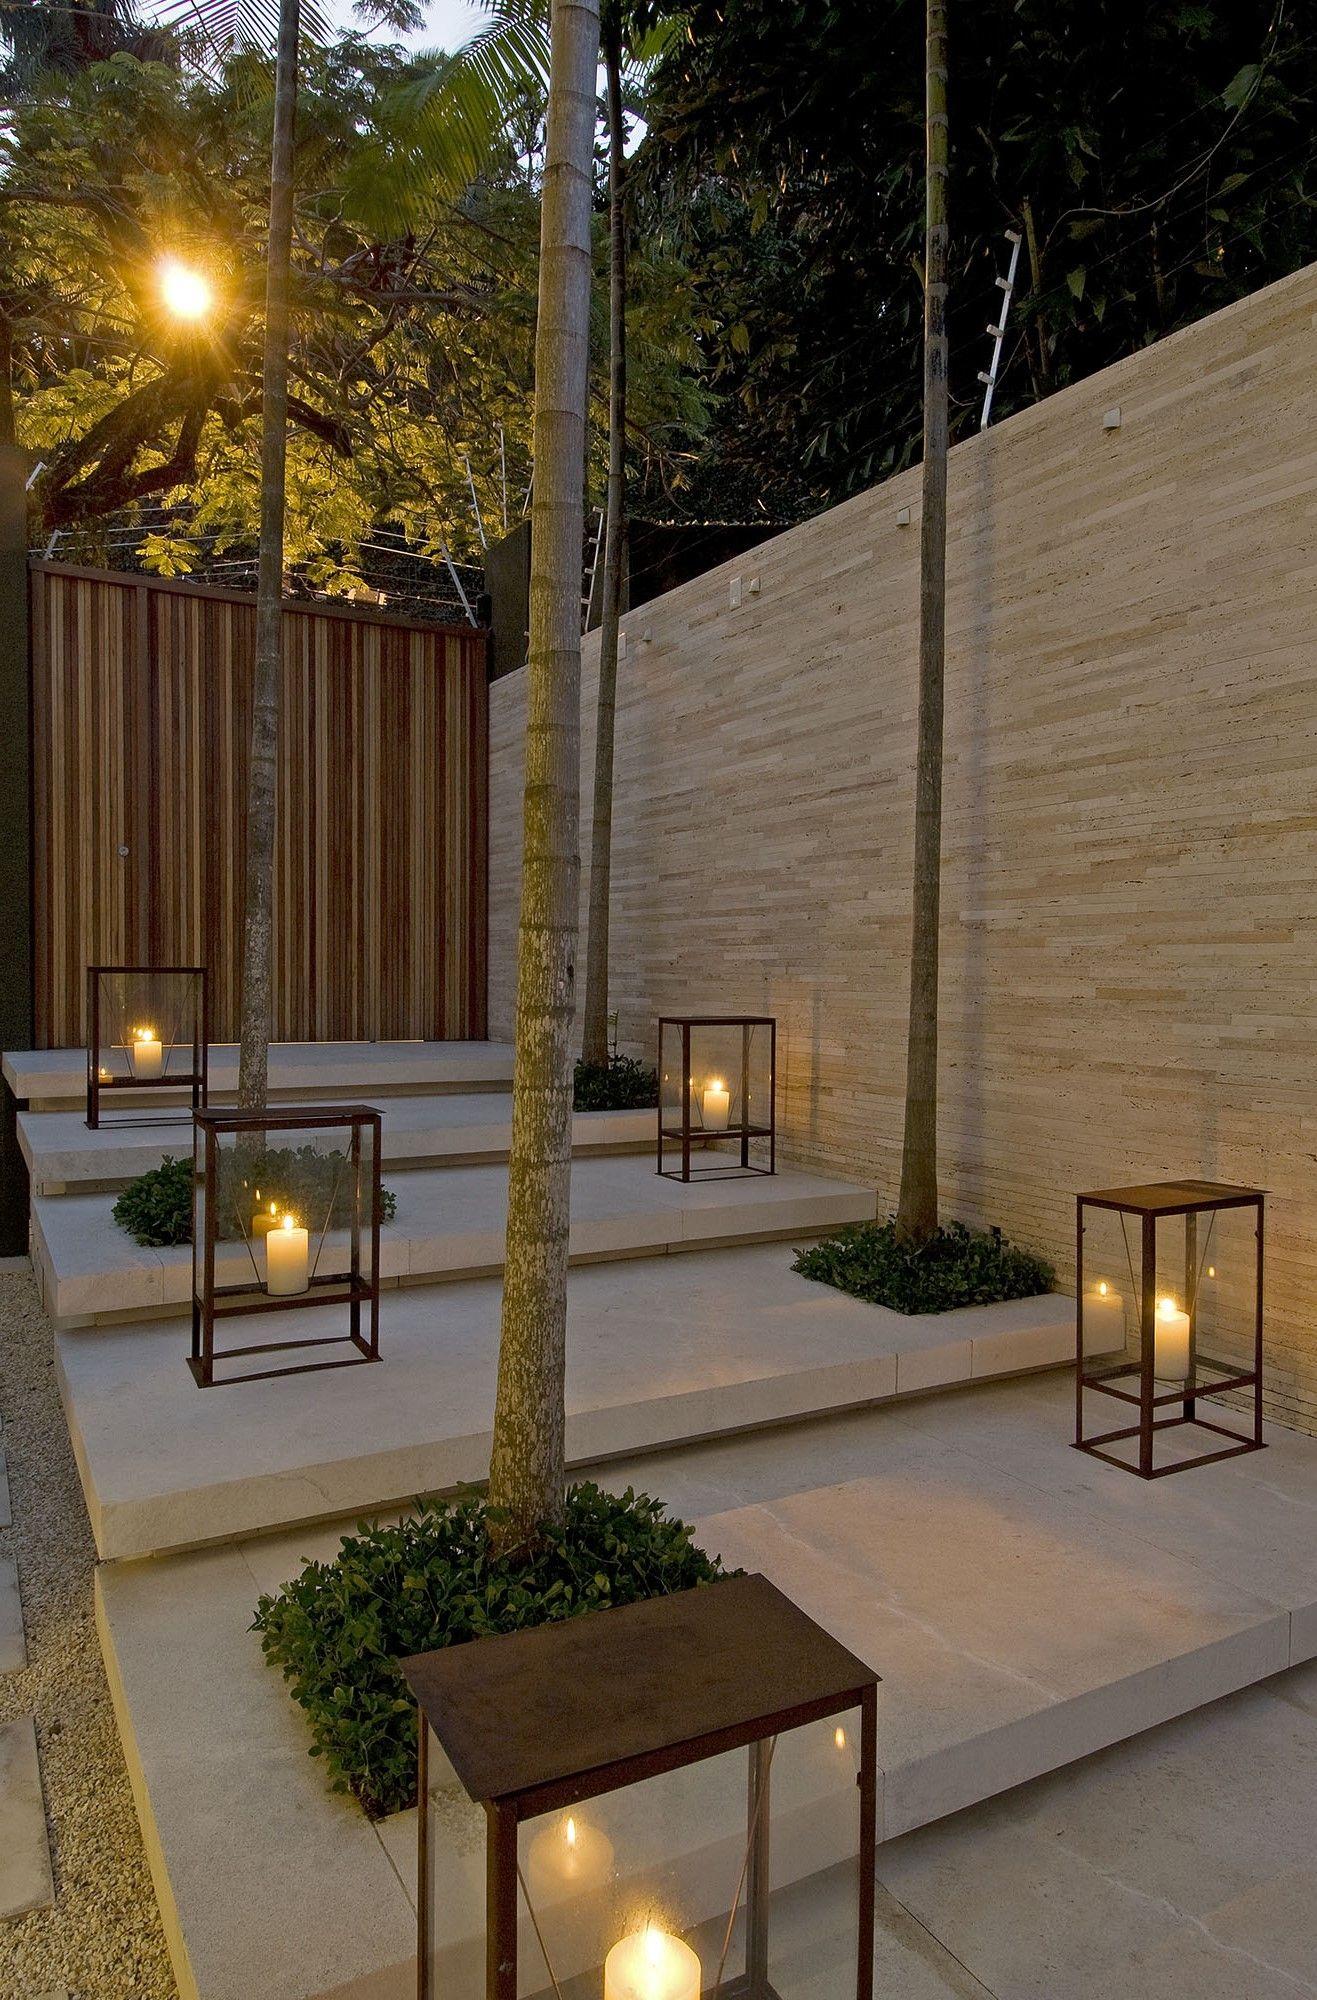 Interessante lumin ria com velas port o madeira ripada - Velas para piscinas ...